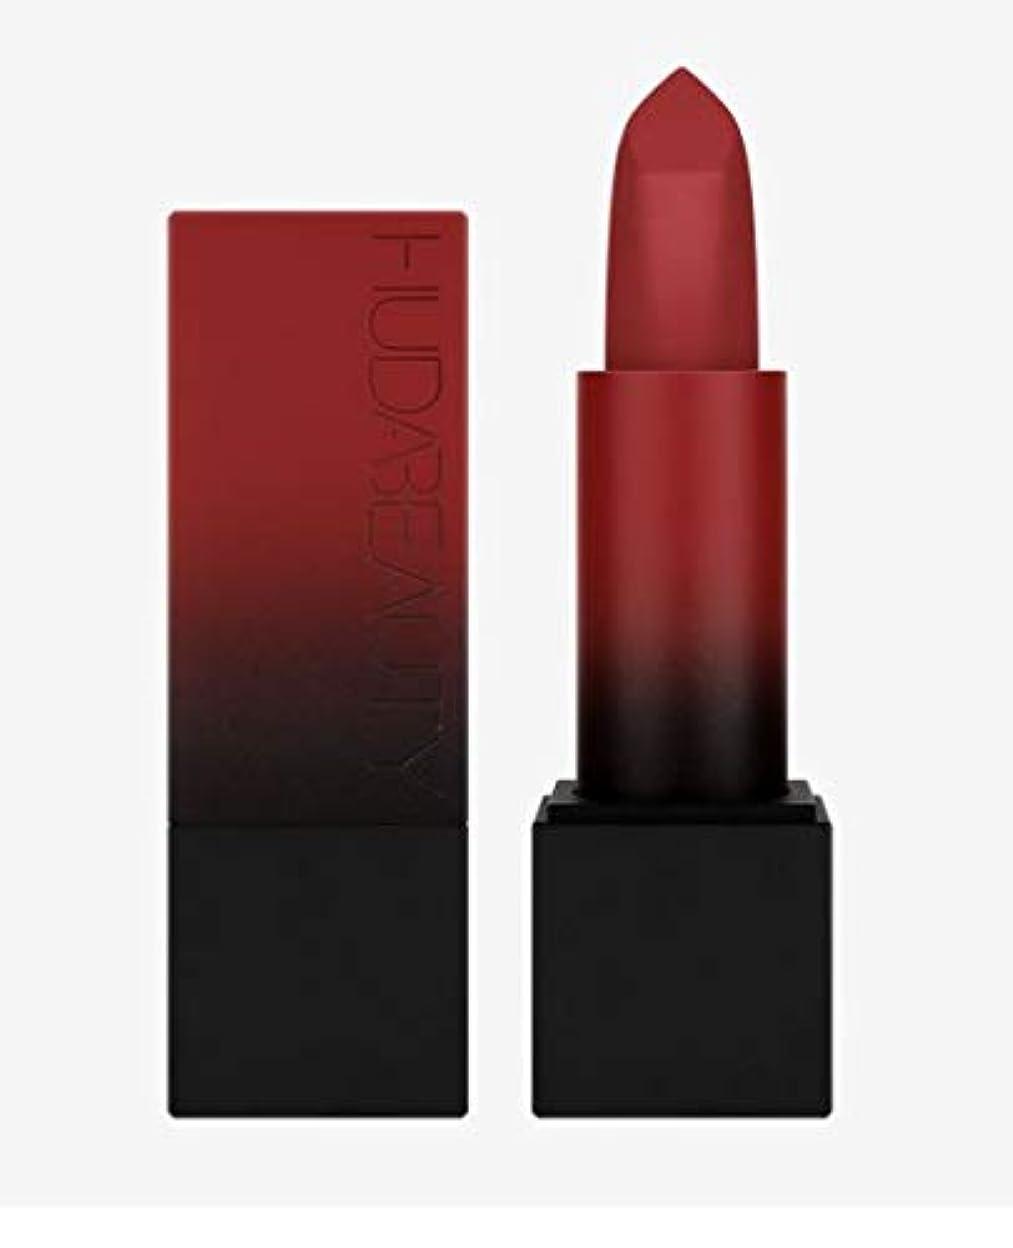 利益任意パイHudabeauty Power Bullet Matte Lipstick マットリップ Promotion Day